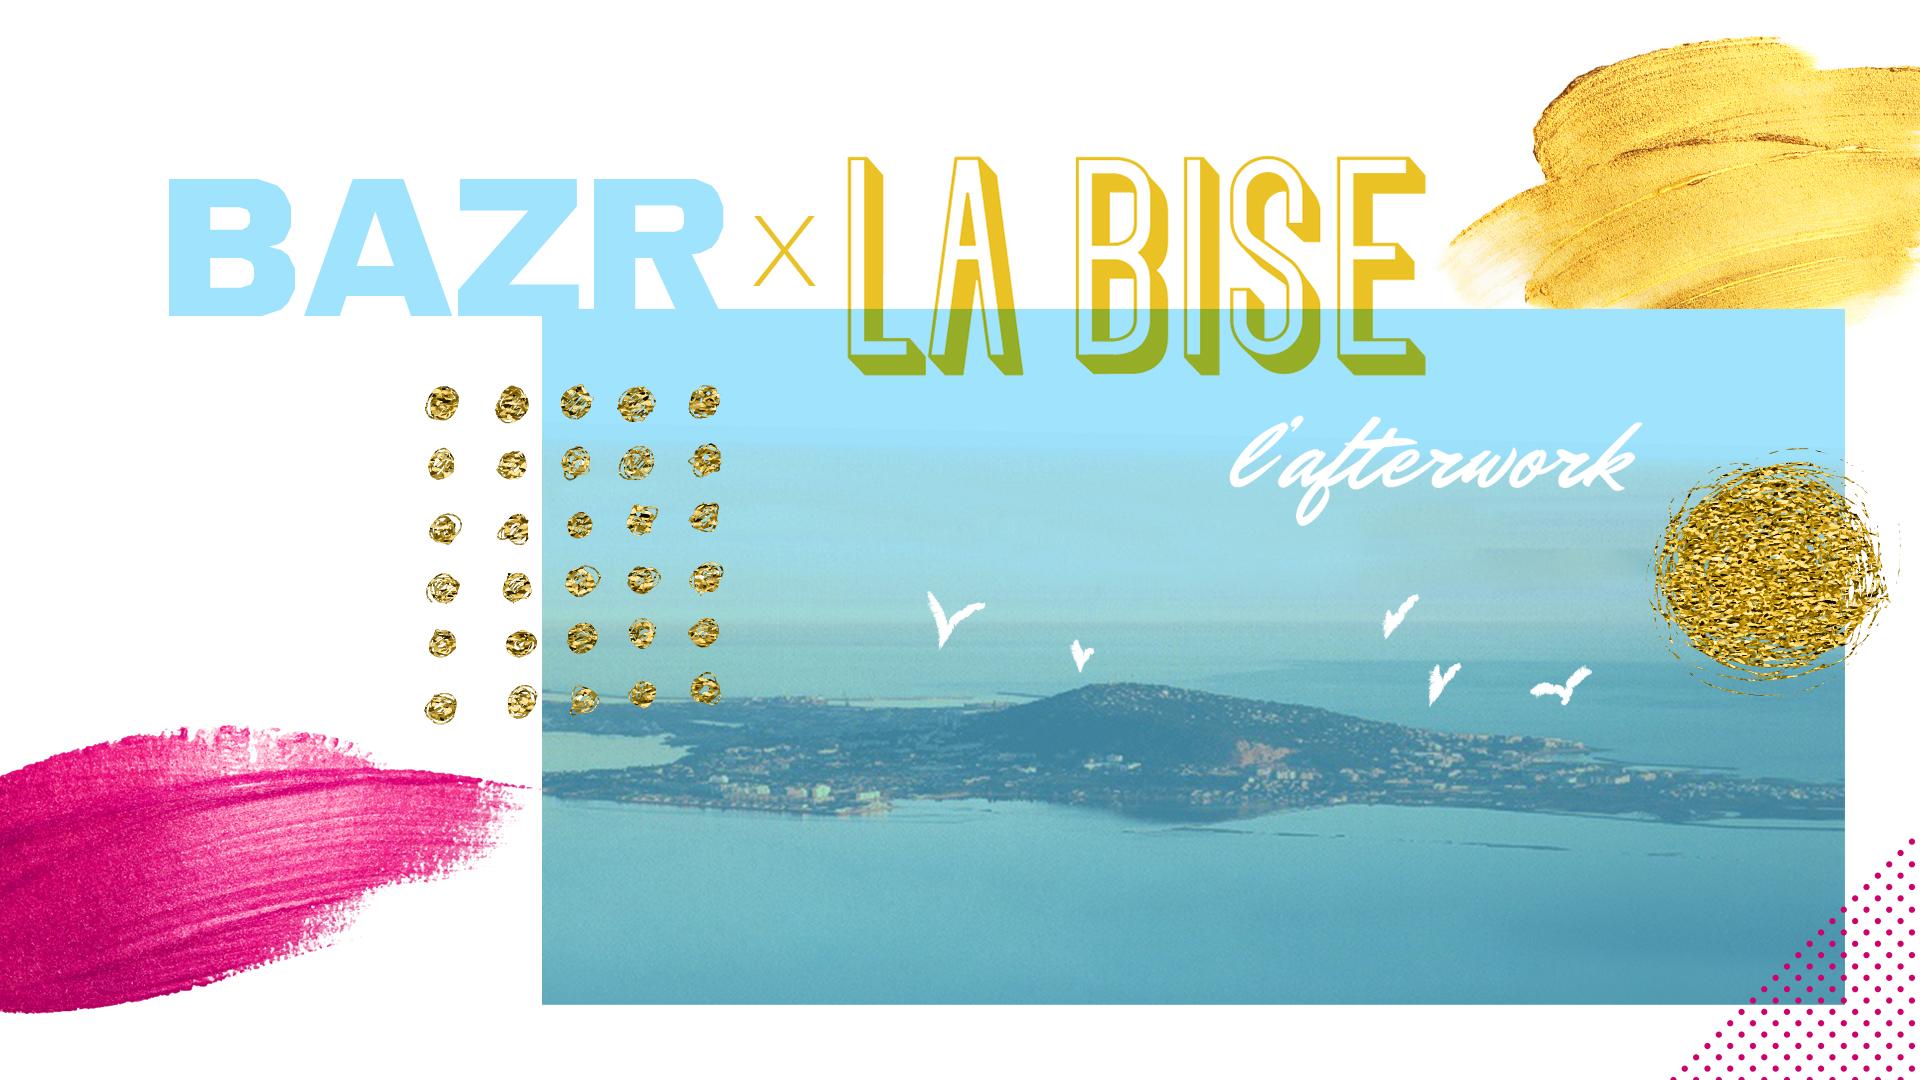 bazrxlabise_V2